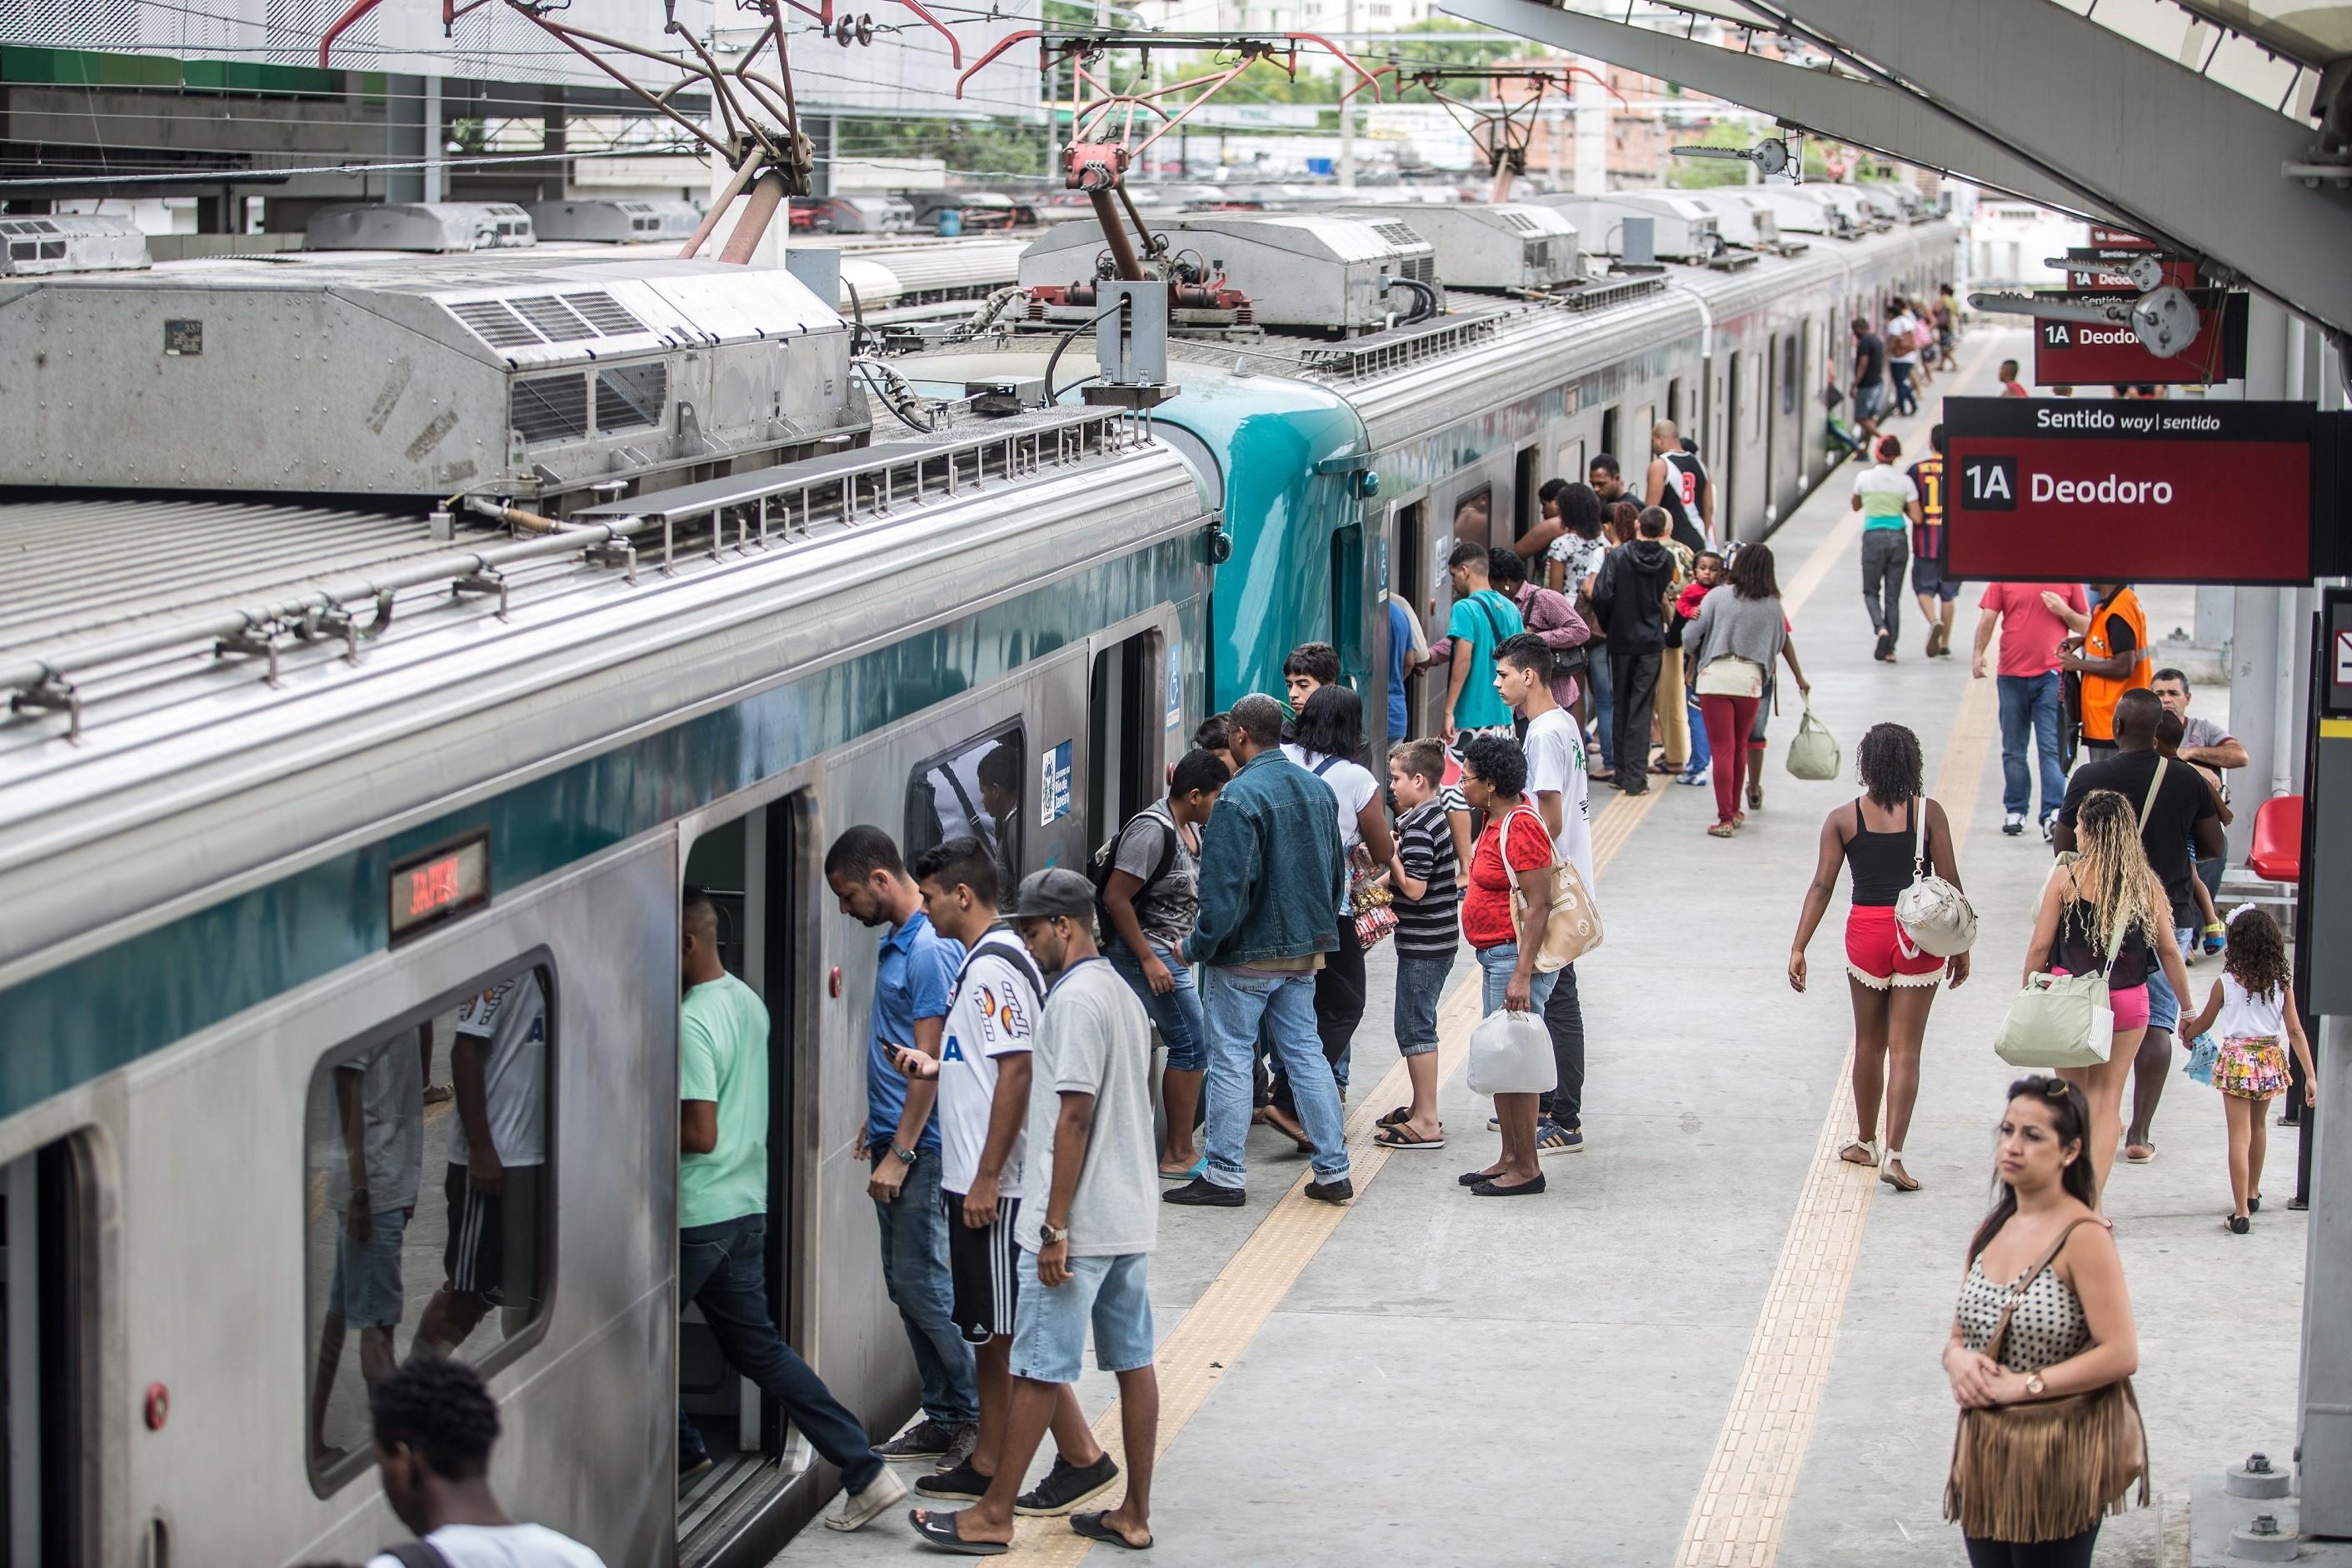 Aumento de passagem de trens da Supervia será adiado por pelo menos 20 dias